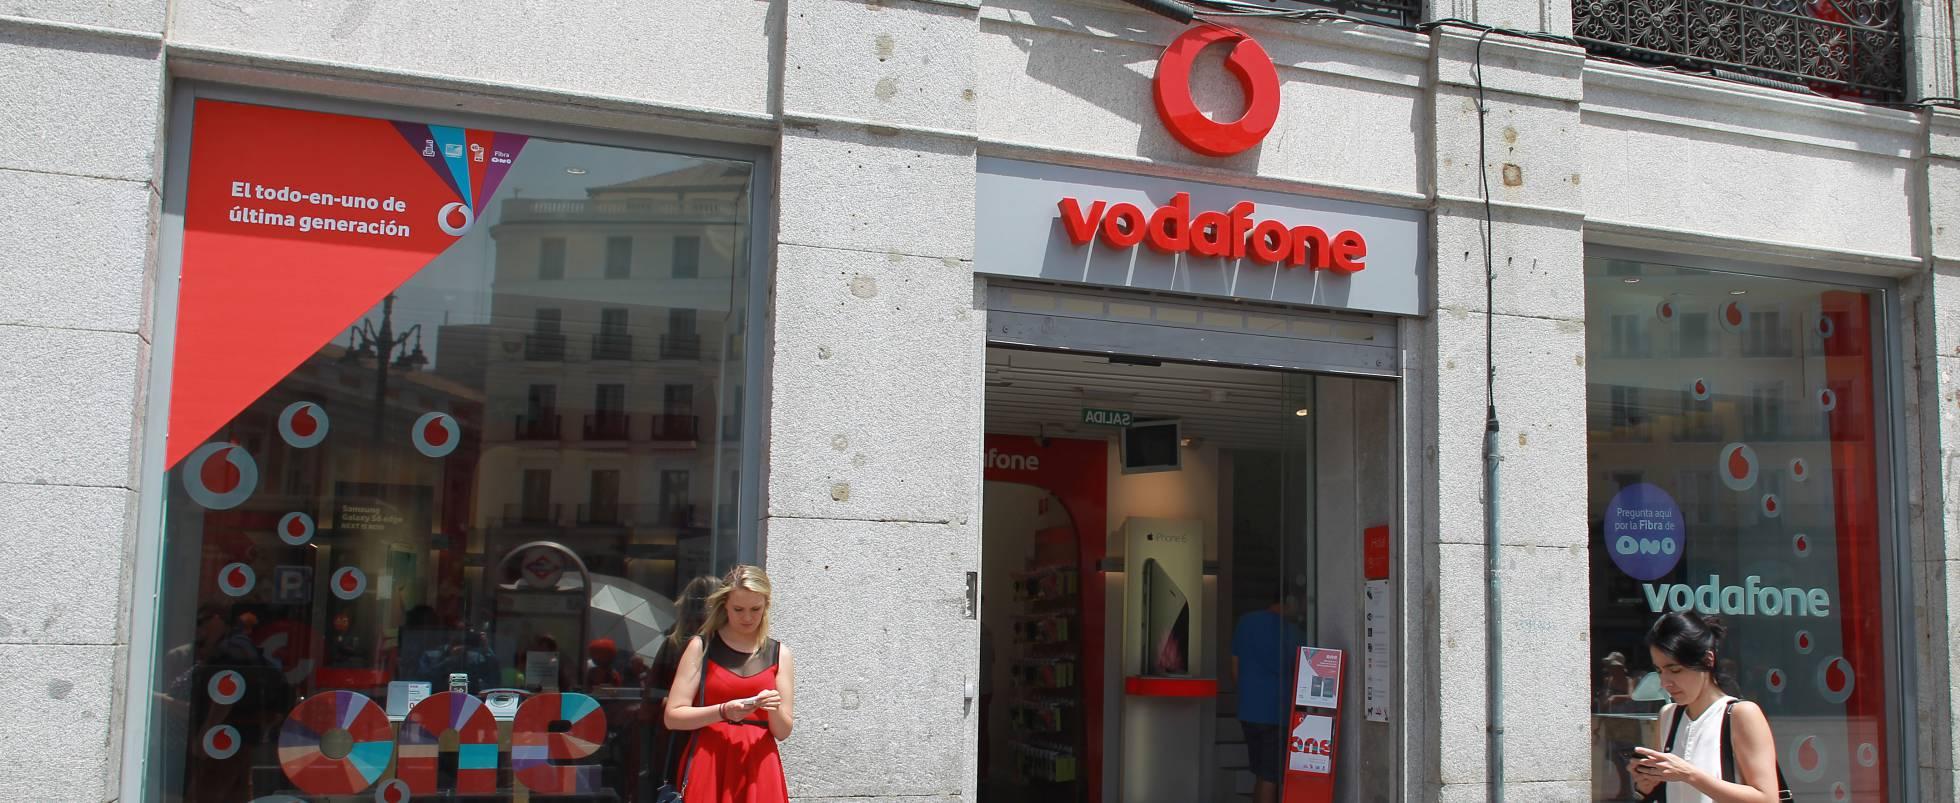 Новая акция Vodafone по предоставлению бесплатного трафика развяжет коммерческую войну между операторами в Испании